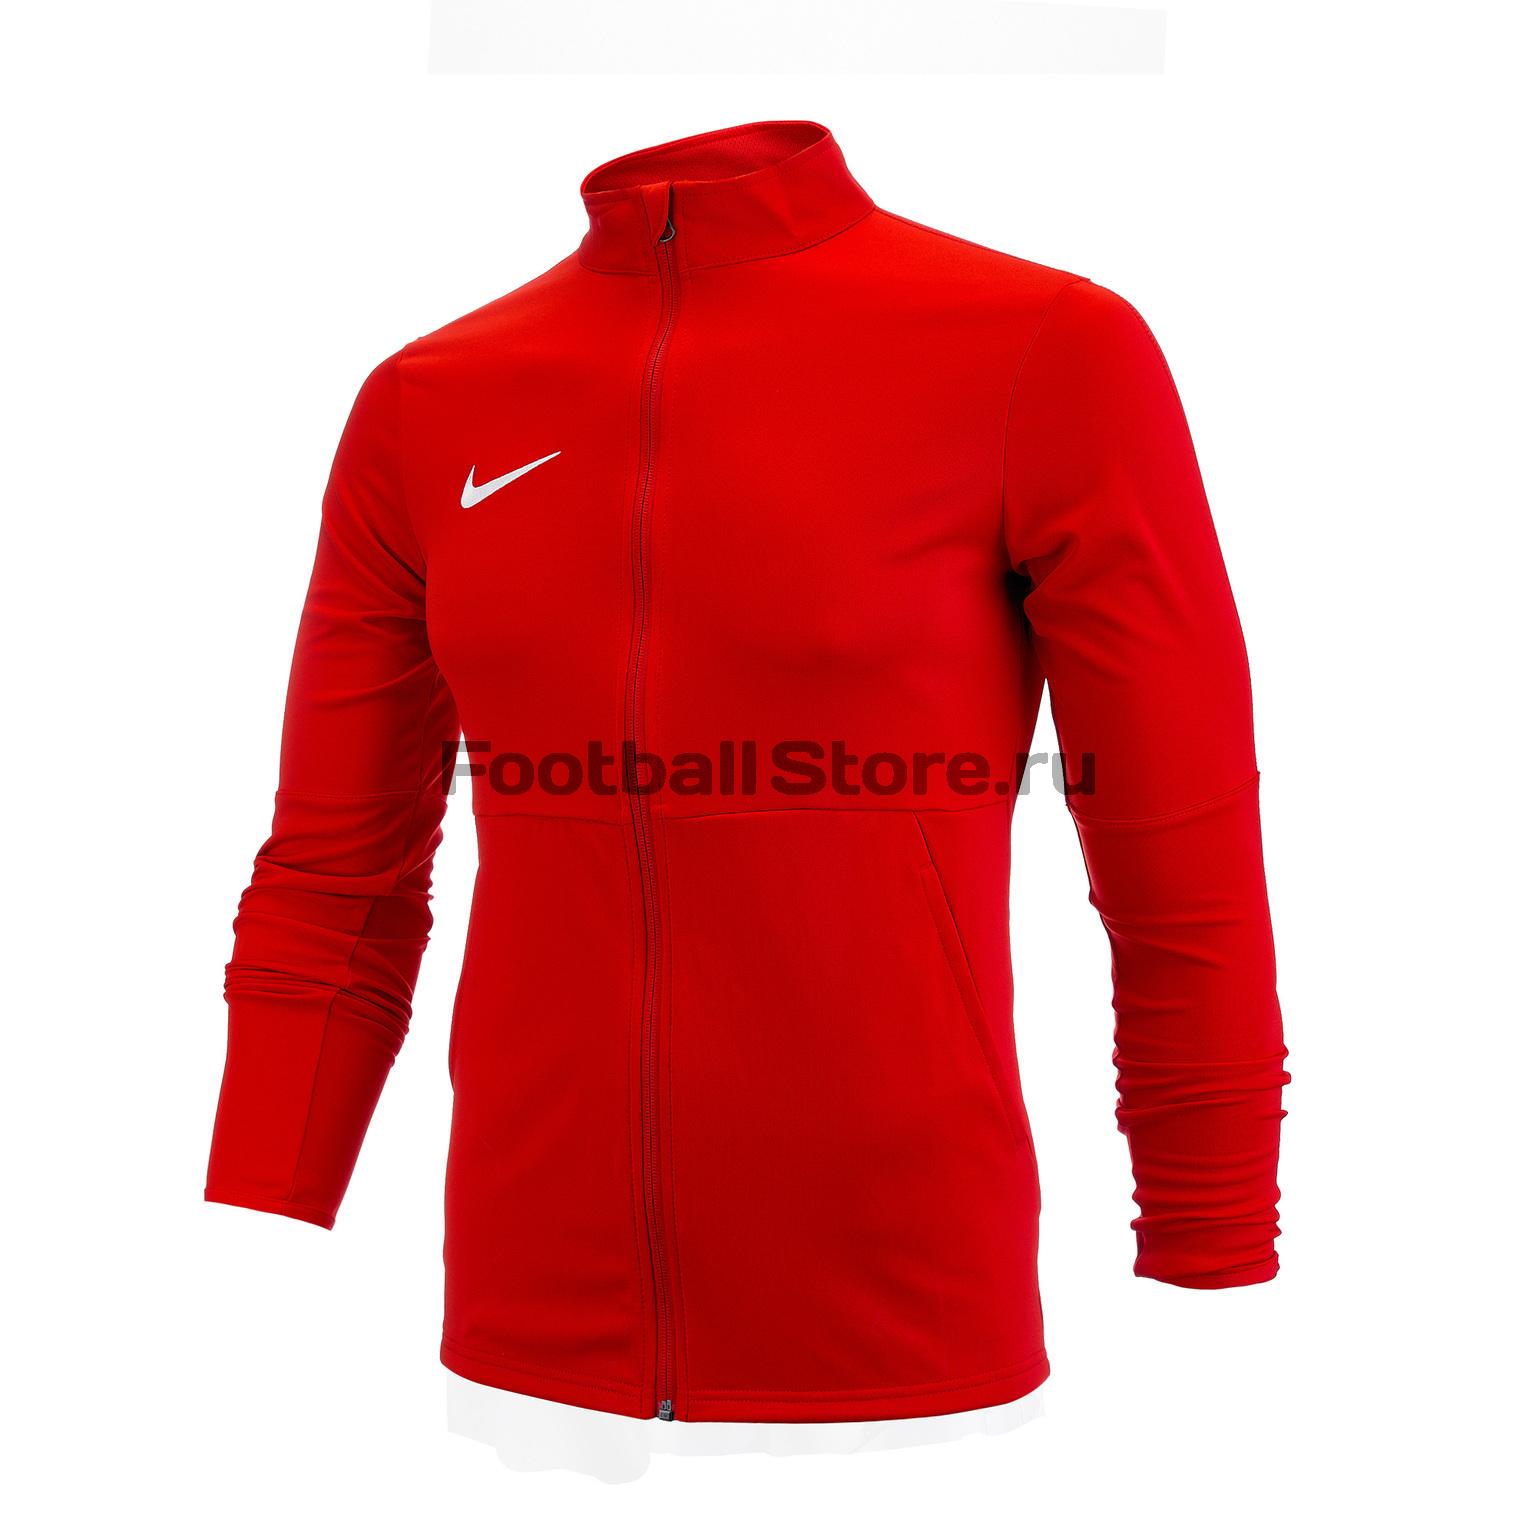 0dfa2d8e Костюм спортивный Nike Dry Park18 AQ5065-657 – купить в интернет ...